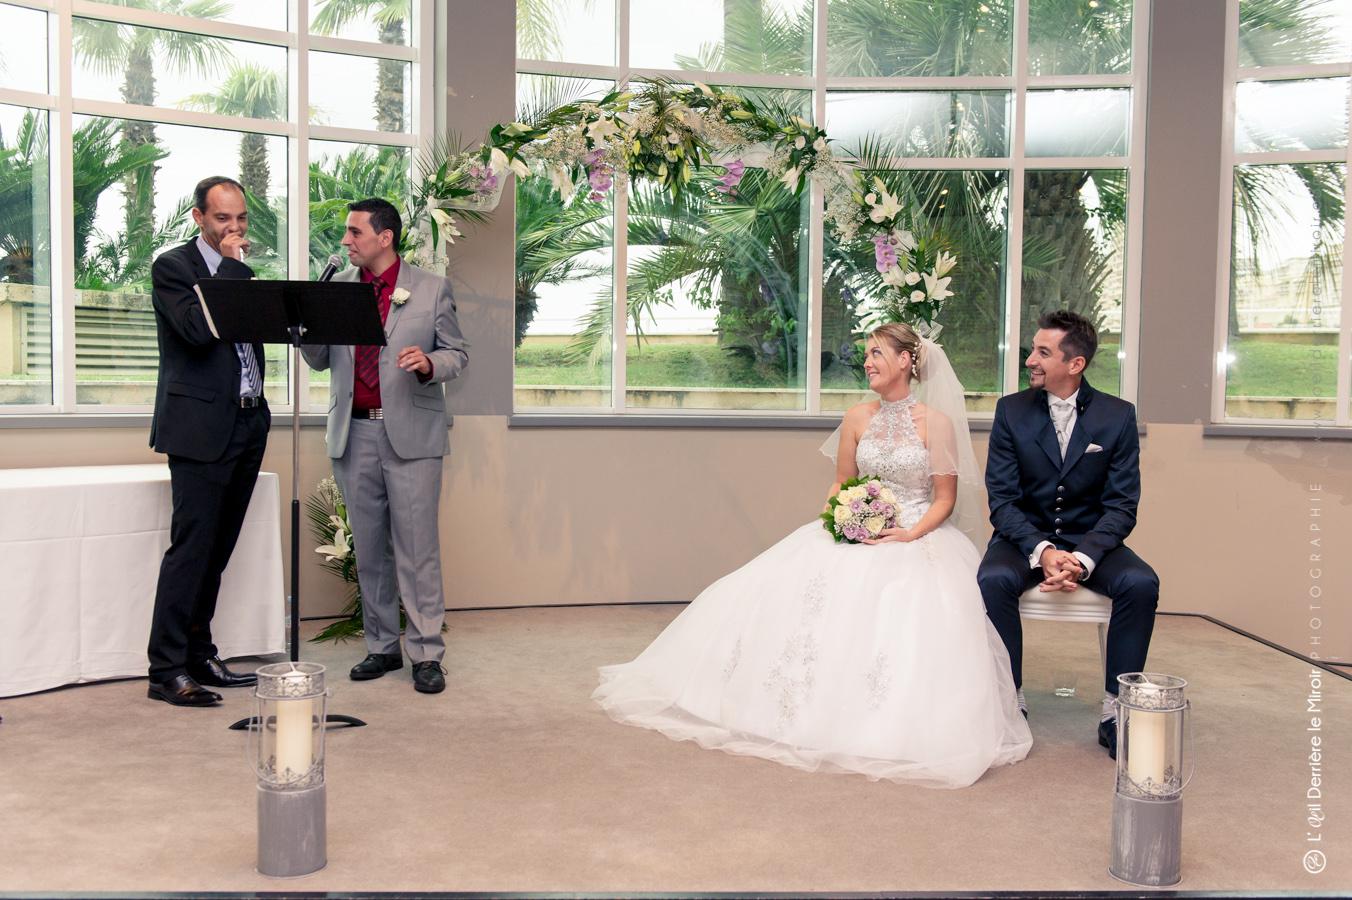 Photographe-mariage-monaco-loeilderrierelemiroir-048